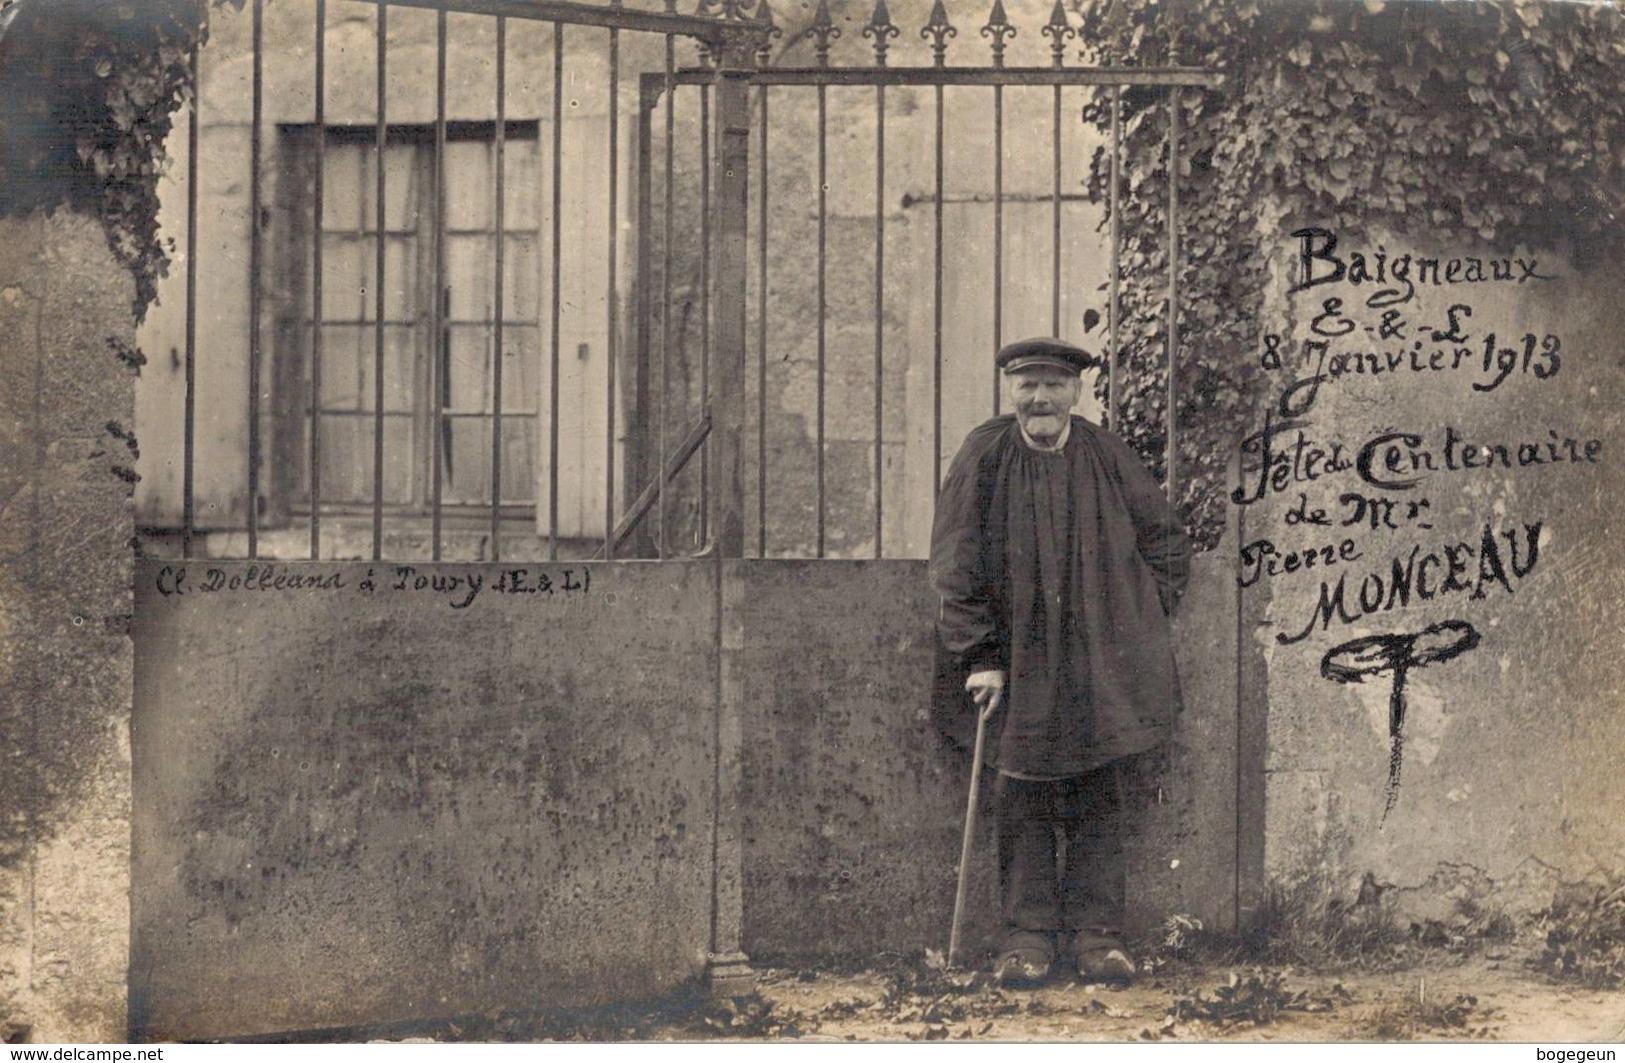 28 BAIGNEAUX 8 Janvier 1913 Fête Du Centenaire Mr Pierre Monceau - France